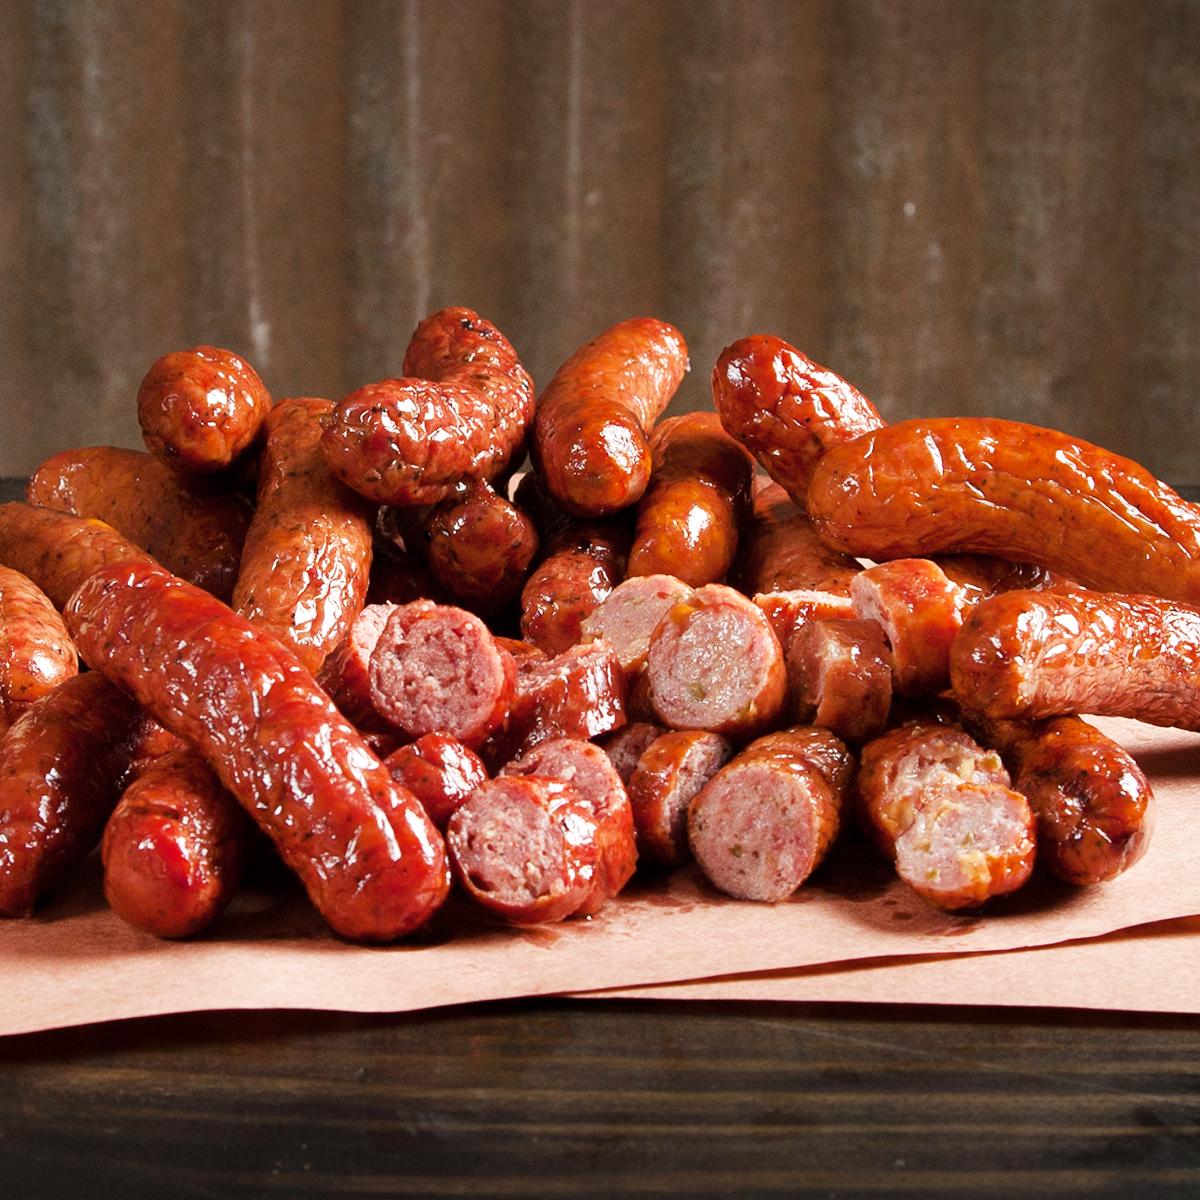 Southside-Sausage-Sampler-Product-1.jpg